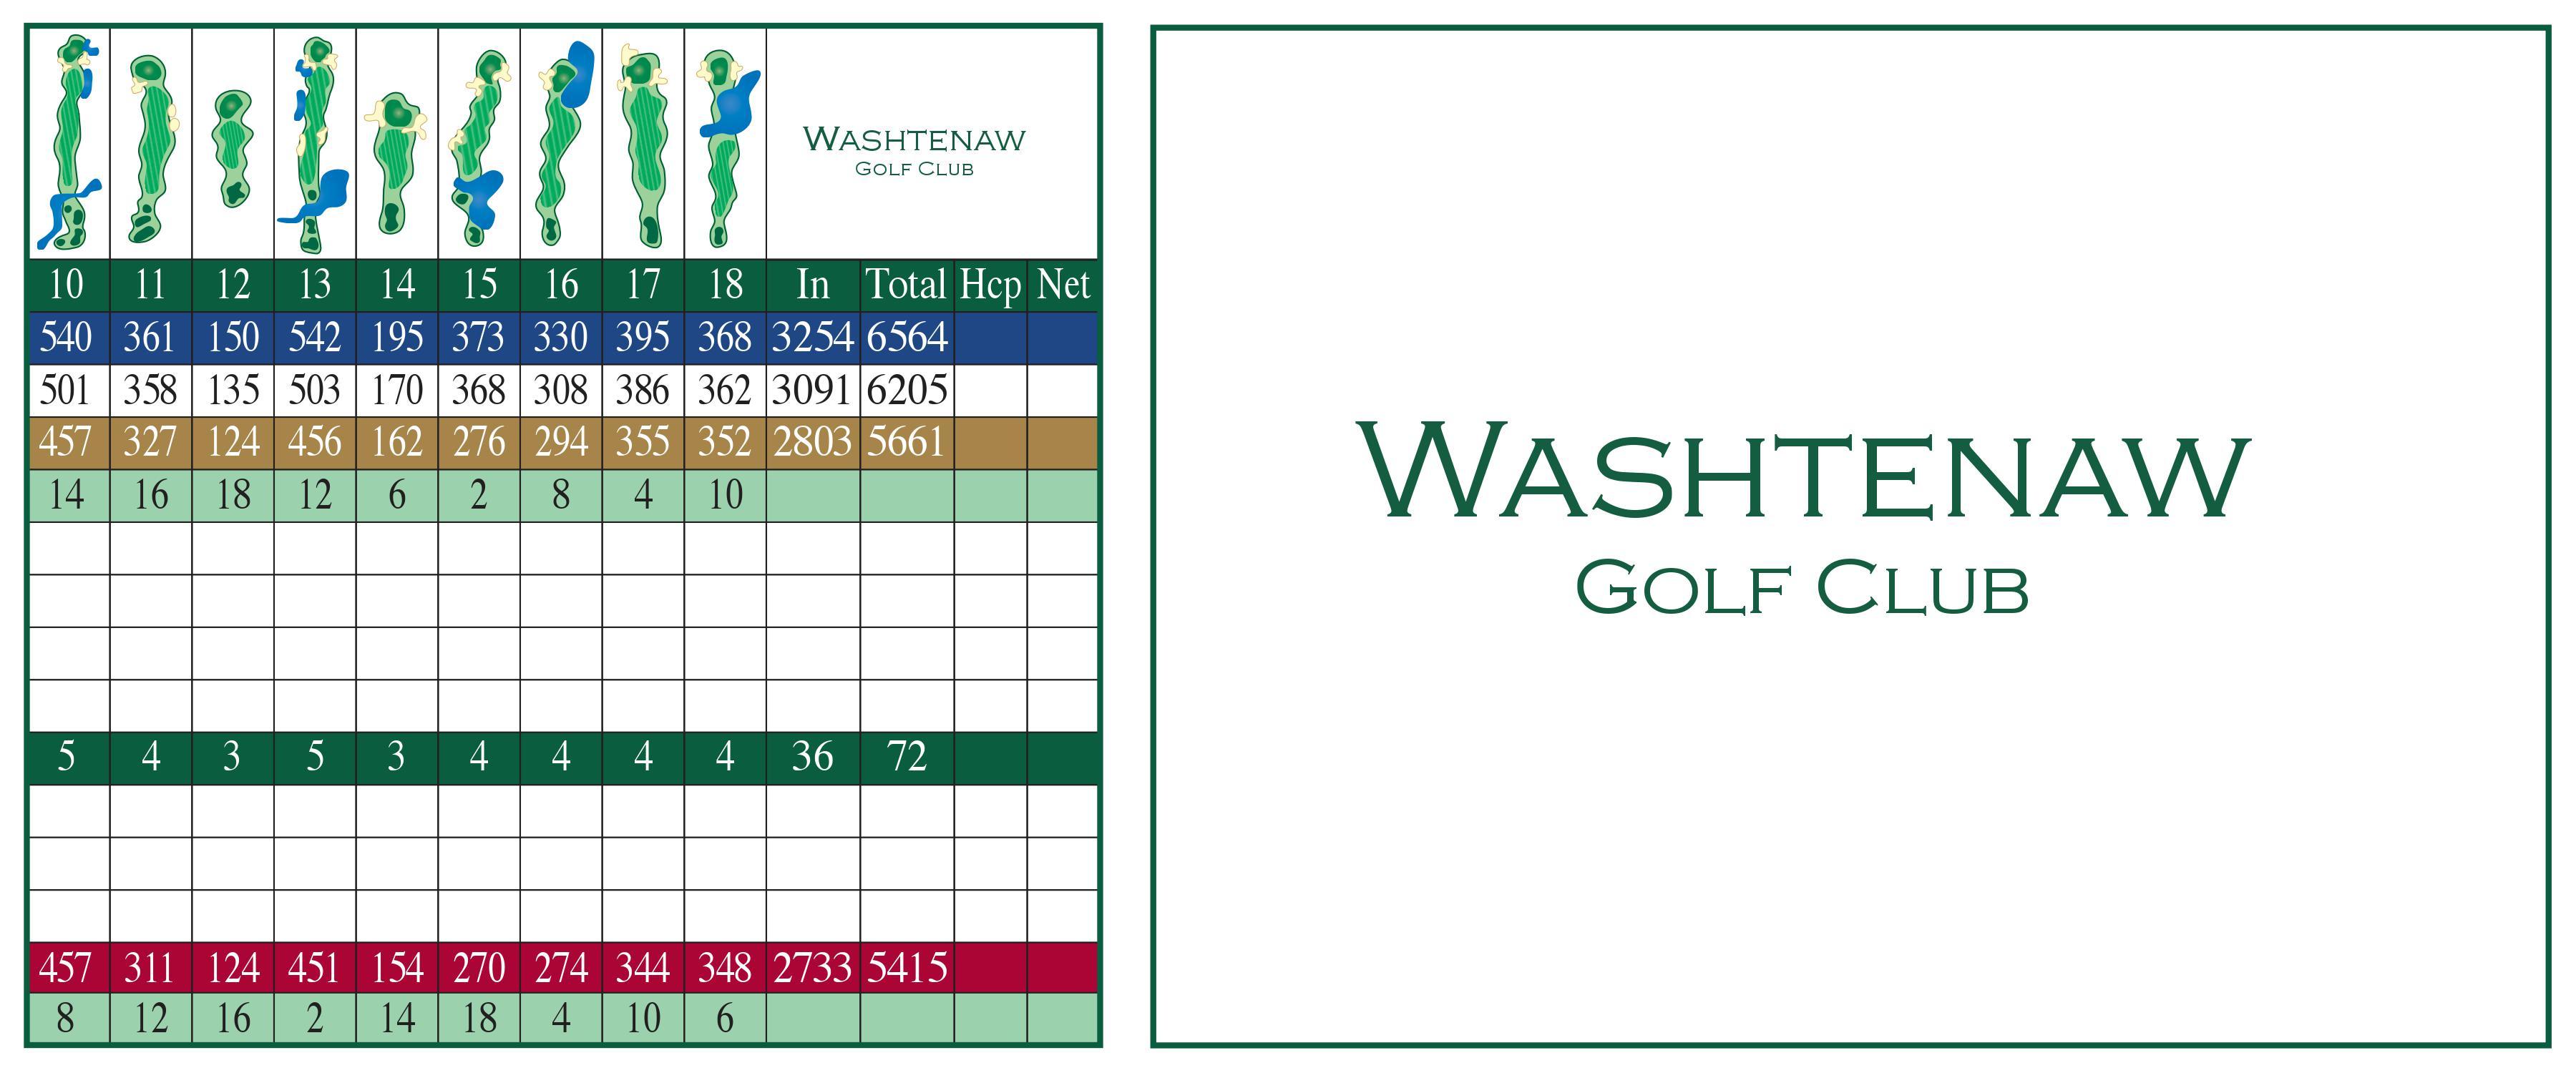 Washtenaw Scorecard01